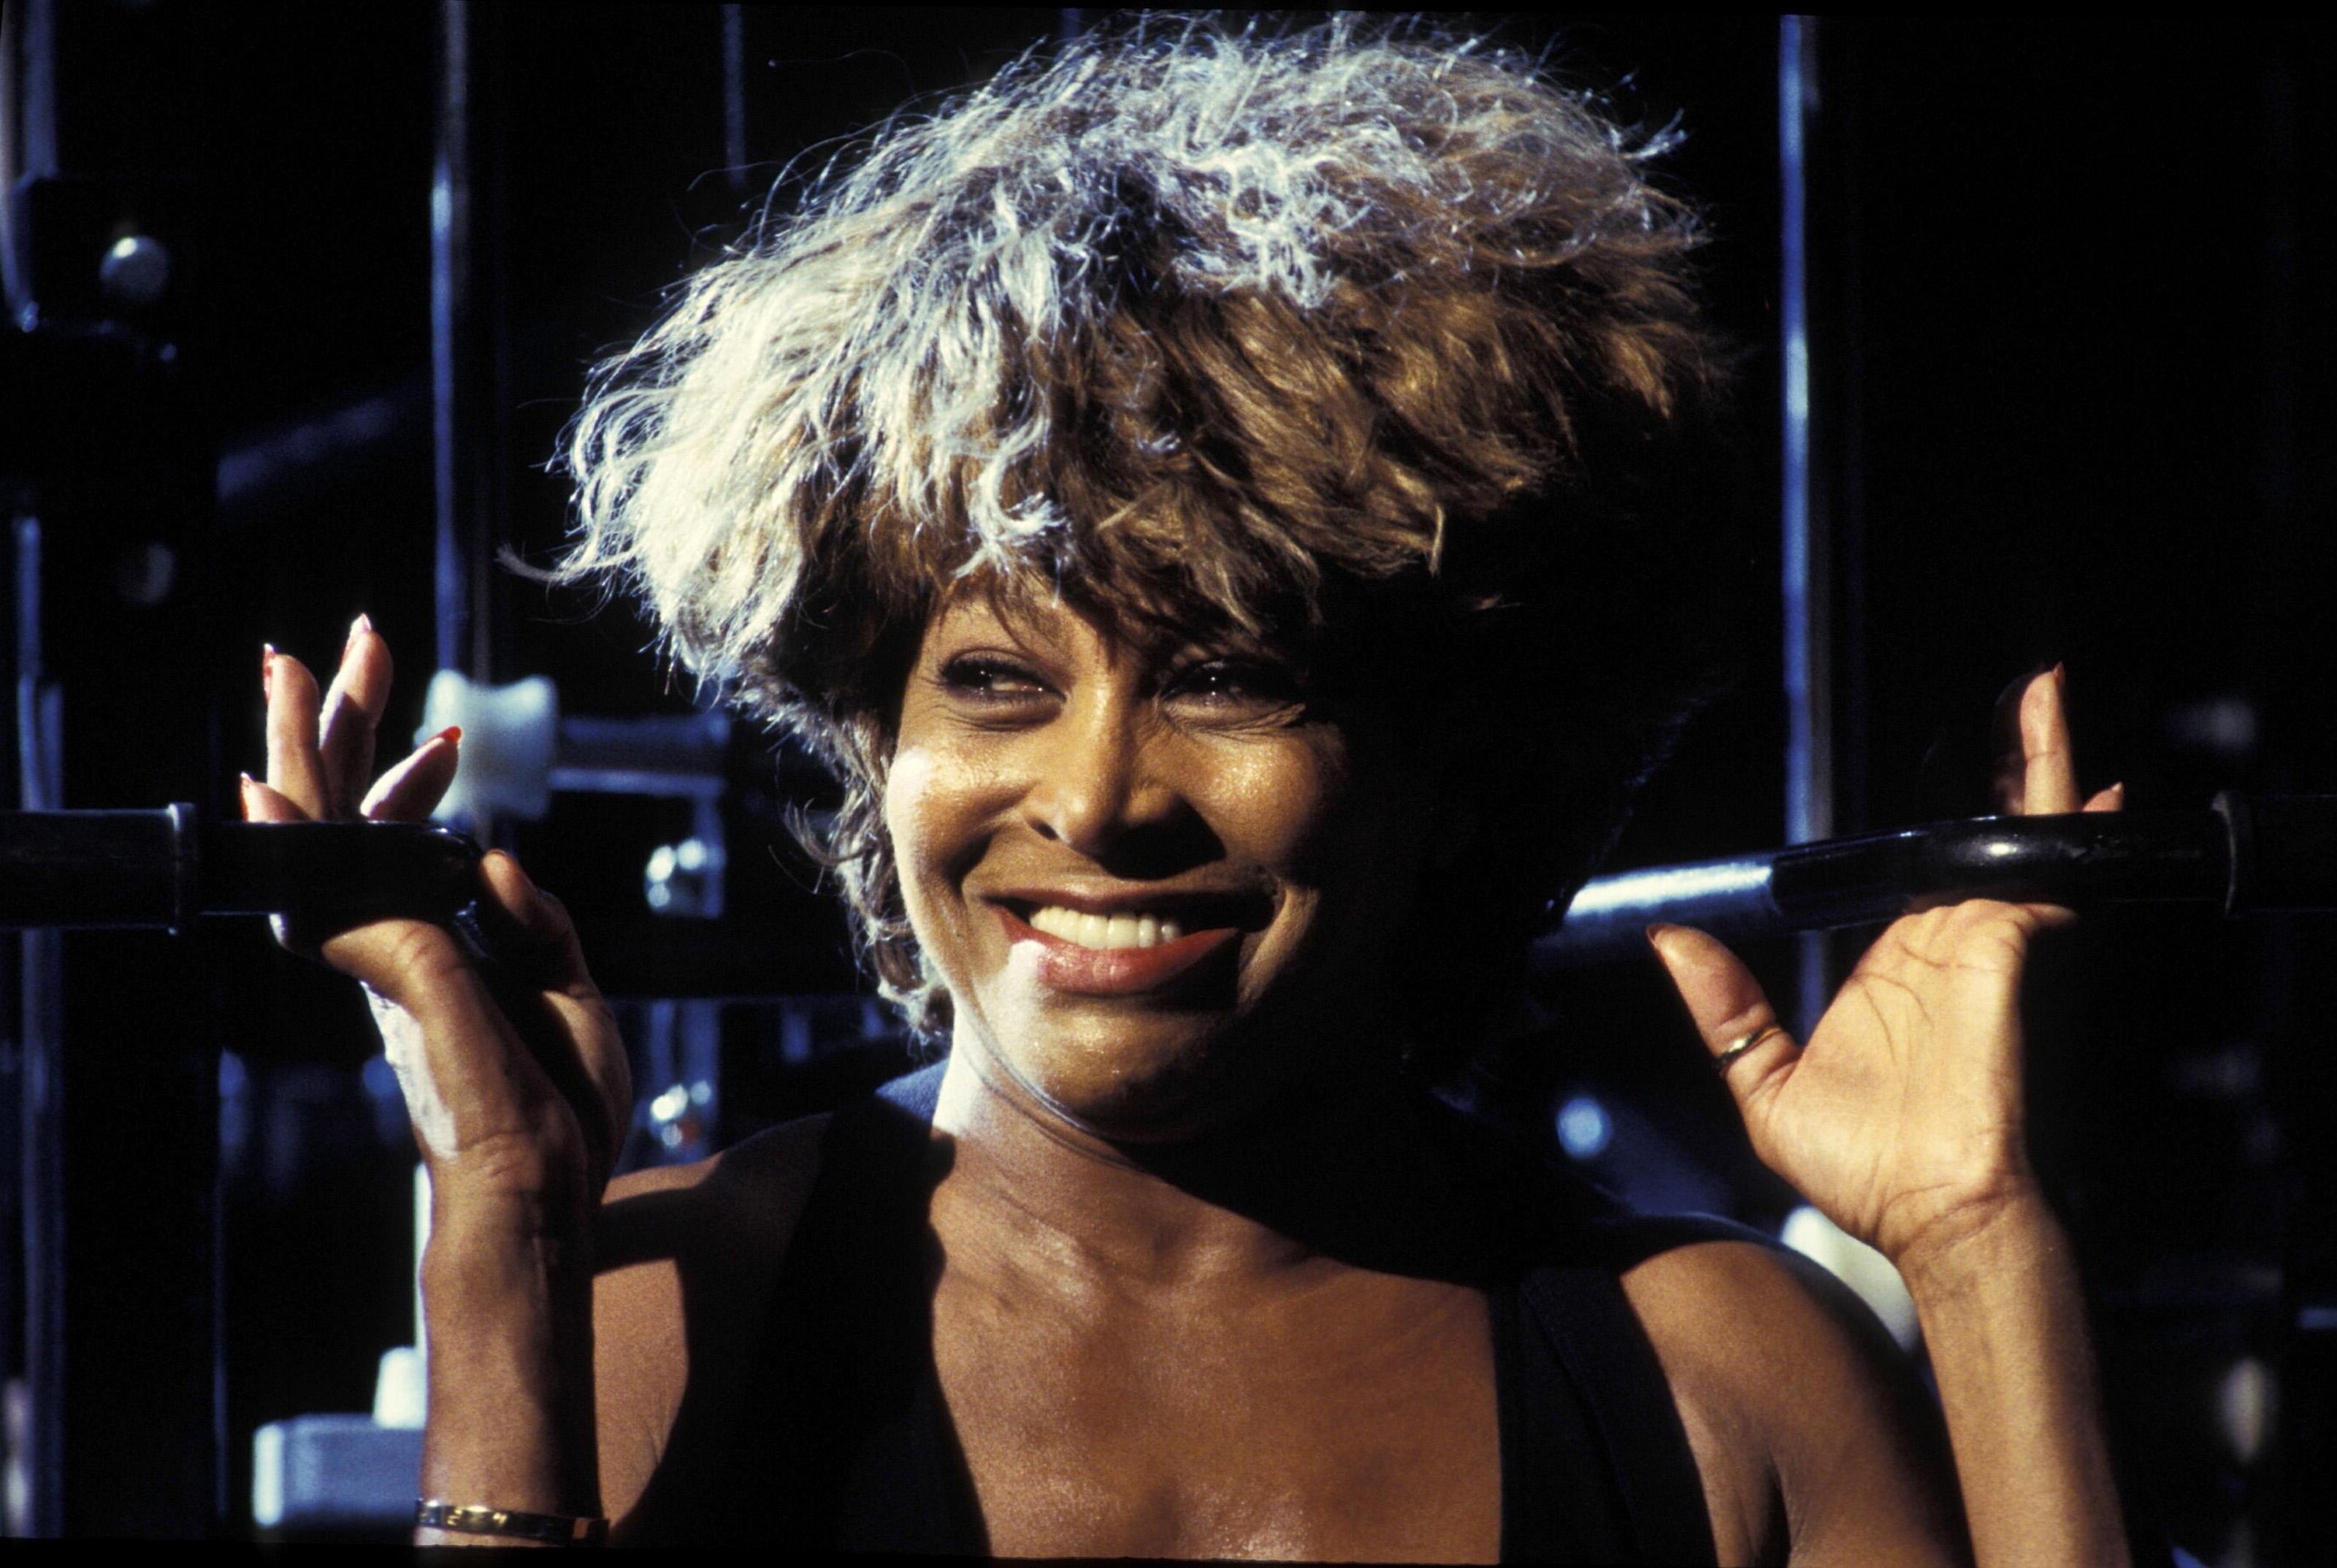 Тина Търнър в своите 50 през 90-те години